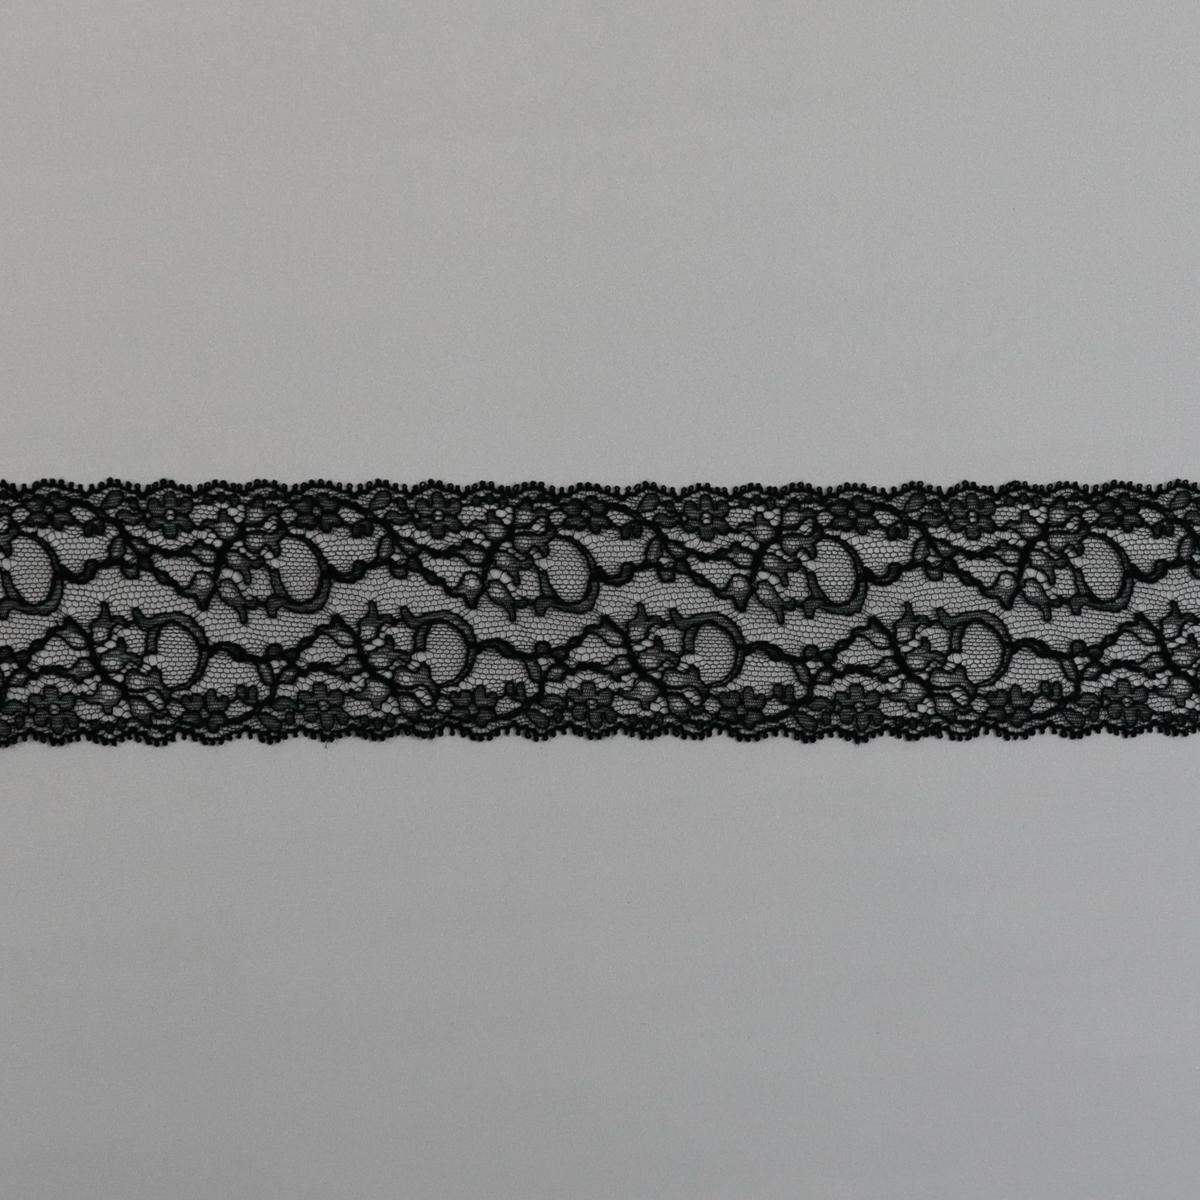 """Французская ажурная лента """"Шантильи"""" чёрного цвета"""